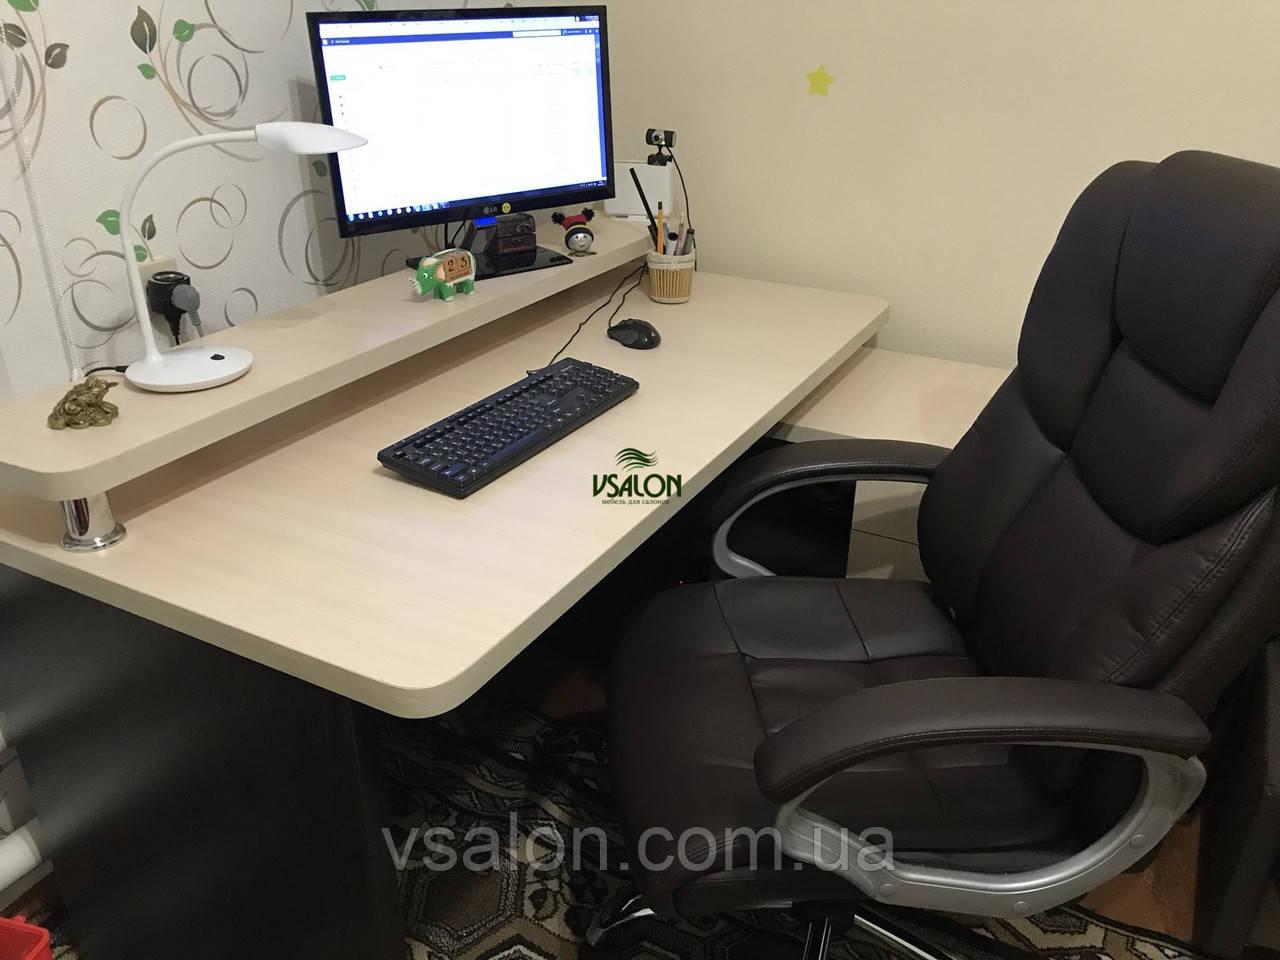 Компьютерный стол с полкой и тумбой, стол офисный V333